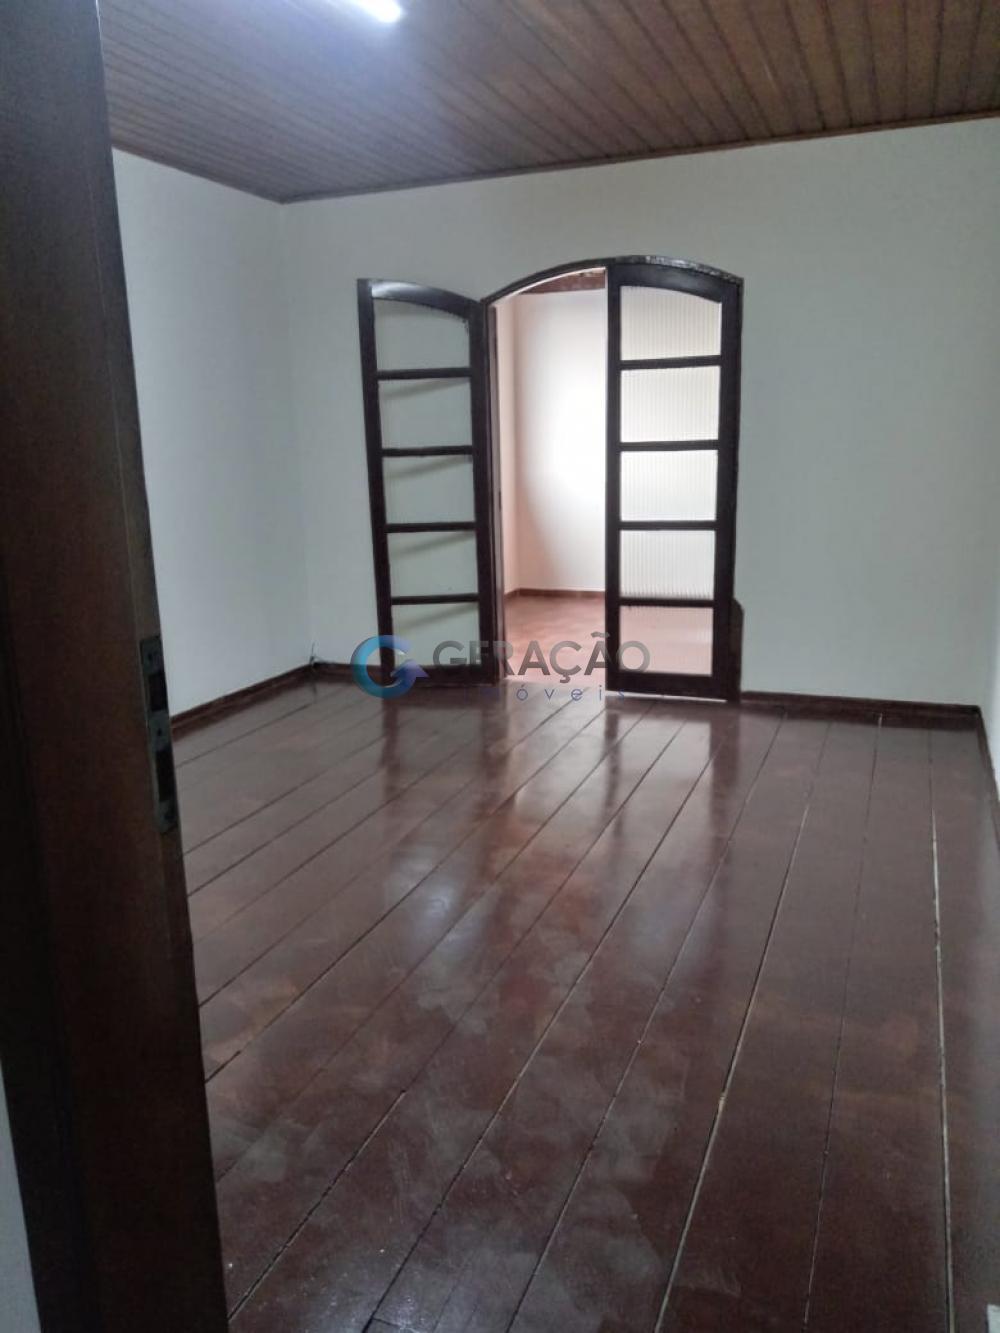 Alugar Comercial / Casa em São José dos Campos R$ 3.800,00 - Foto 22